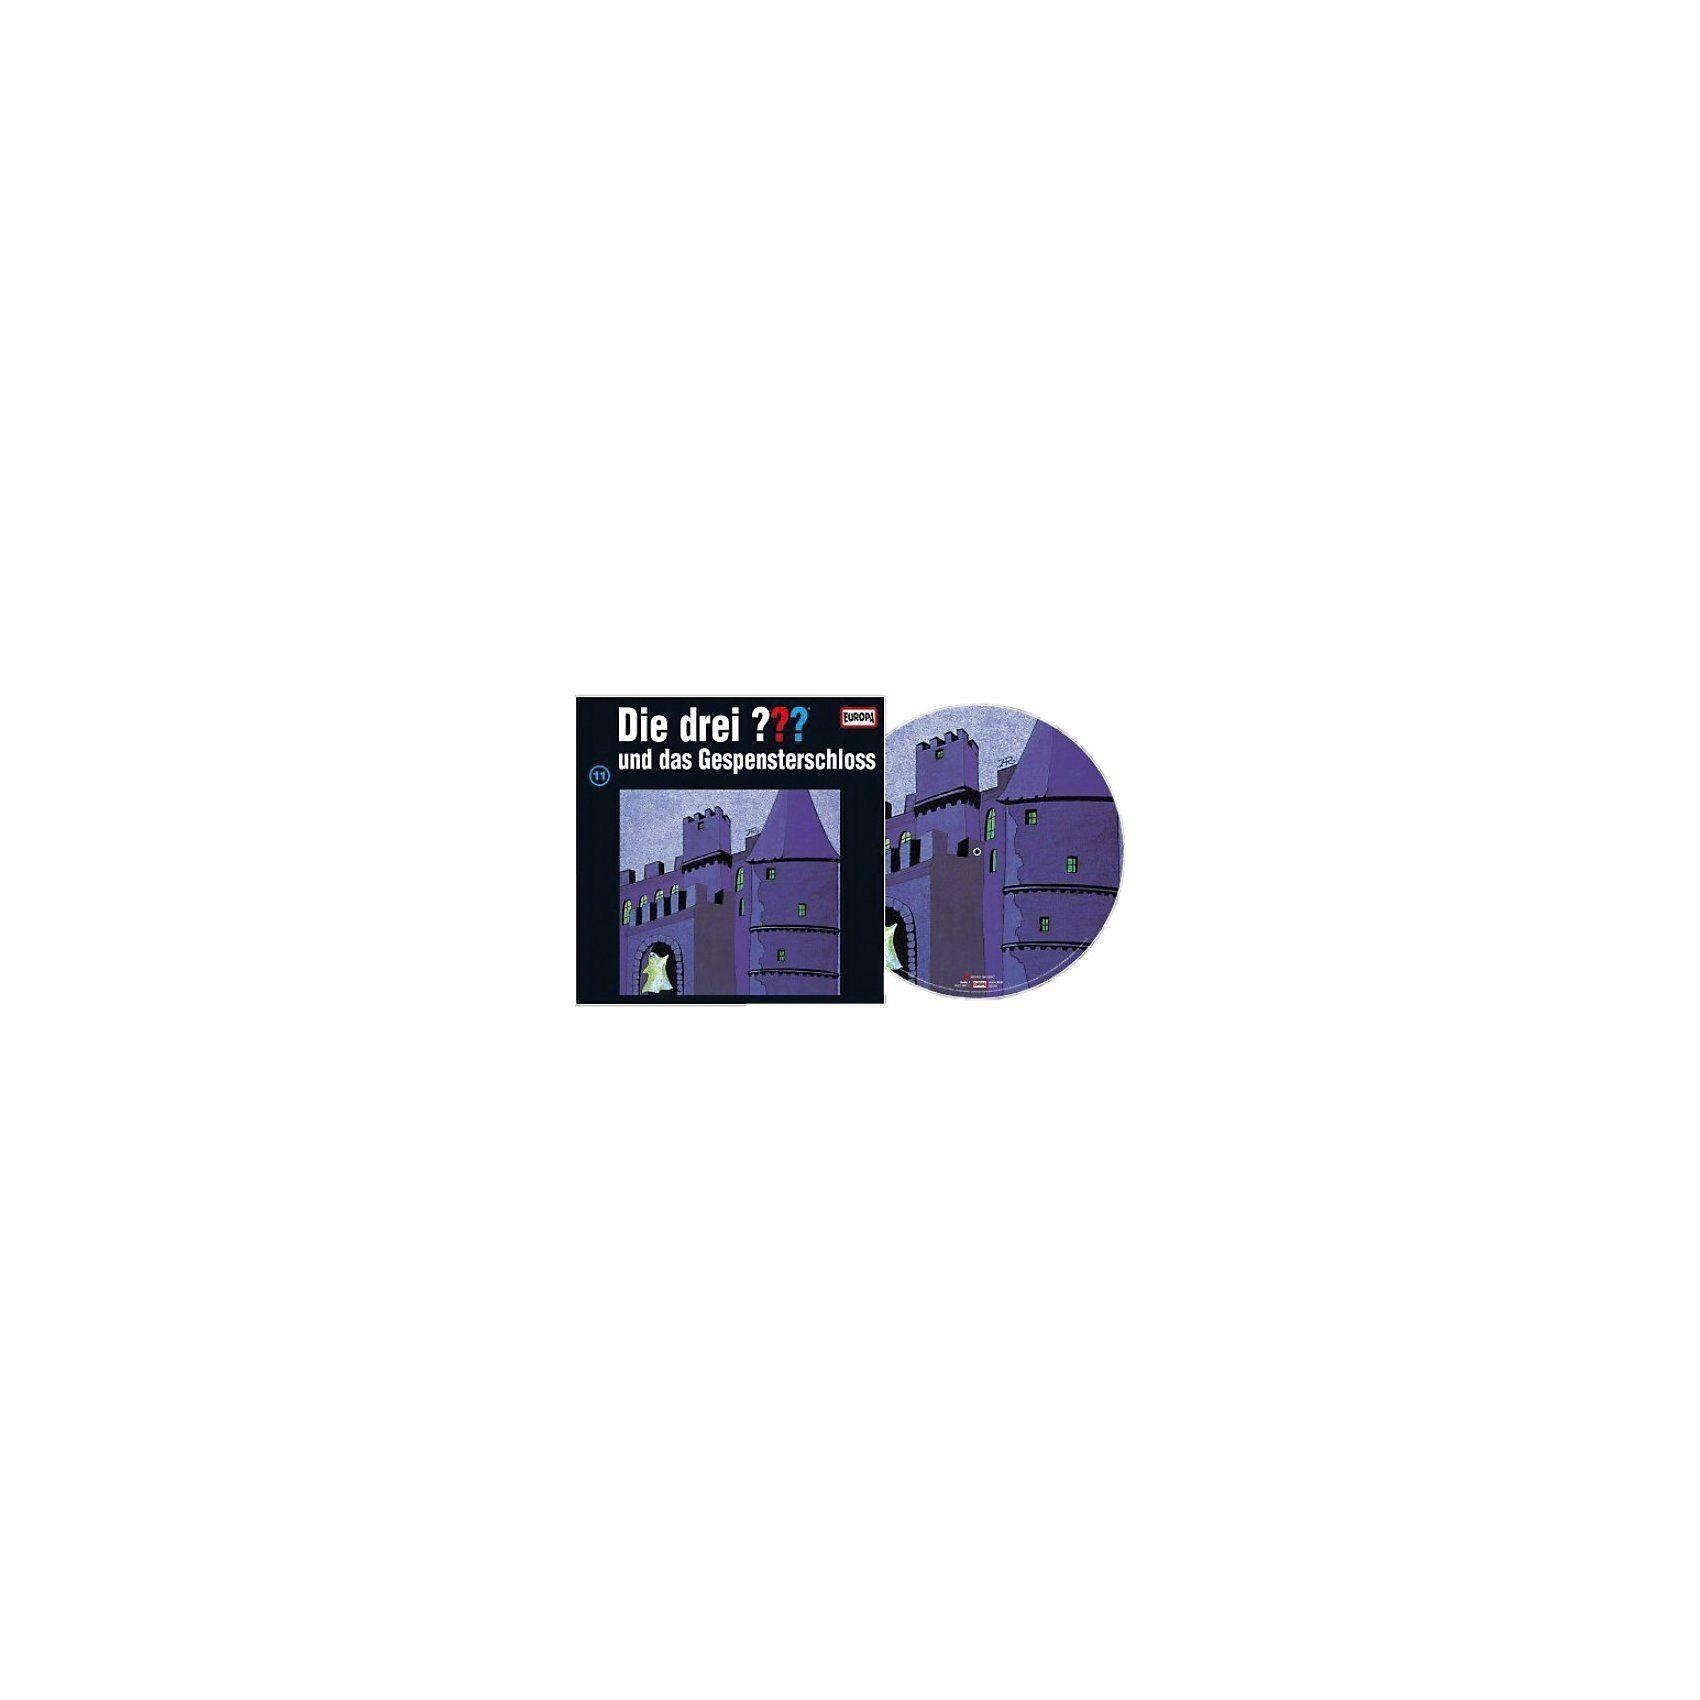 SONY BMG MUSIC CD Die Drei ??? 011/und das Gespensterschloss